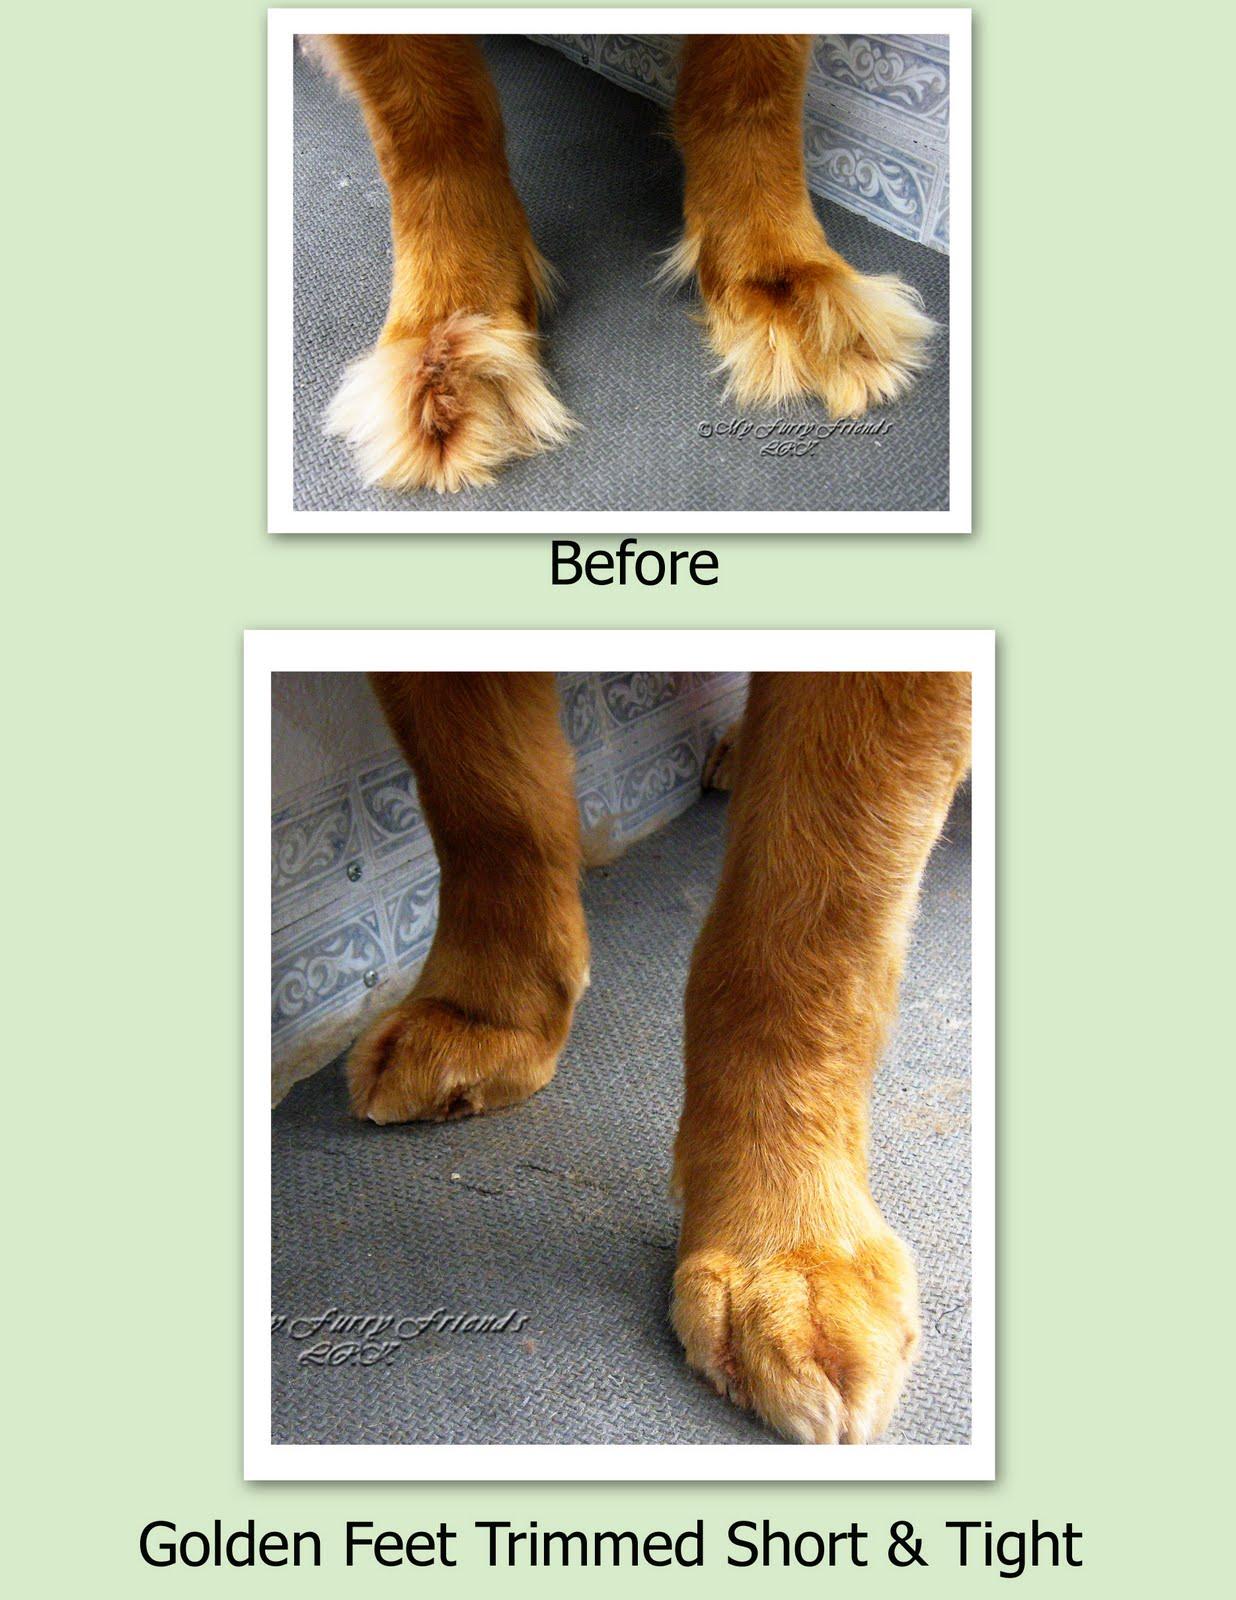 Foot grooming